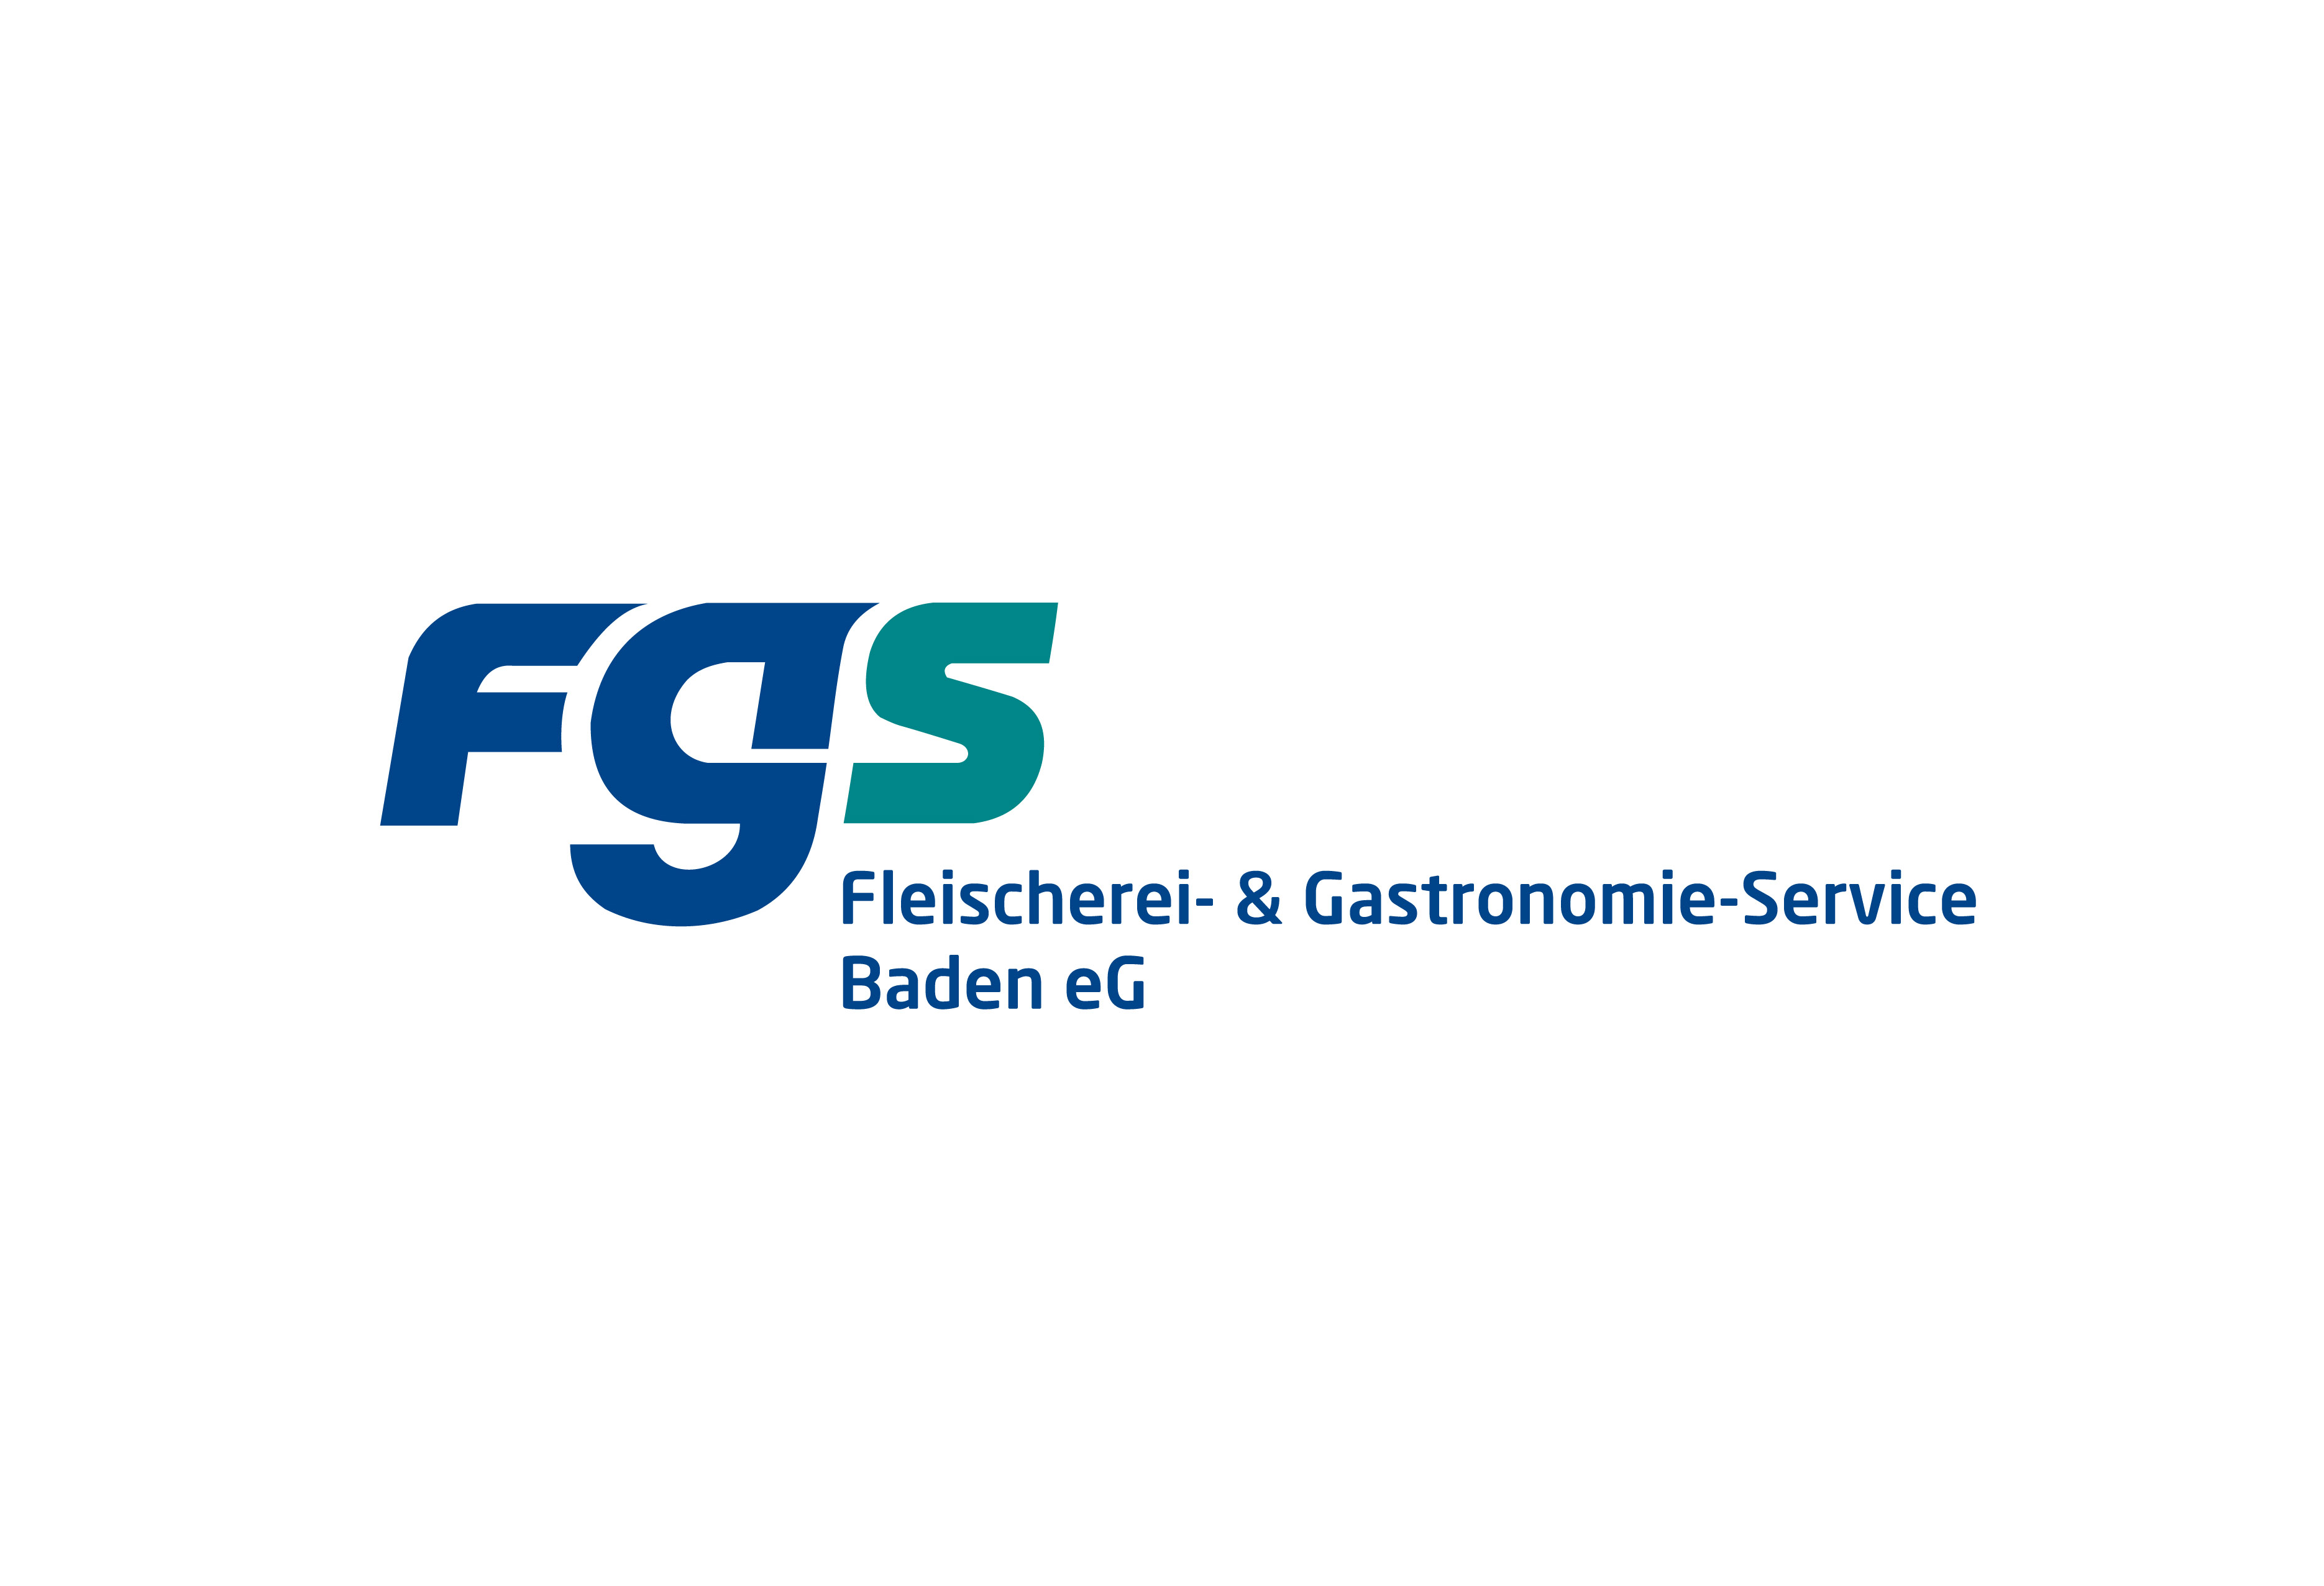 FGS logo_fgs_baden-neu2